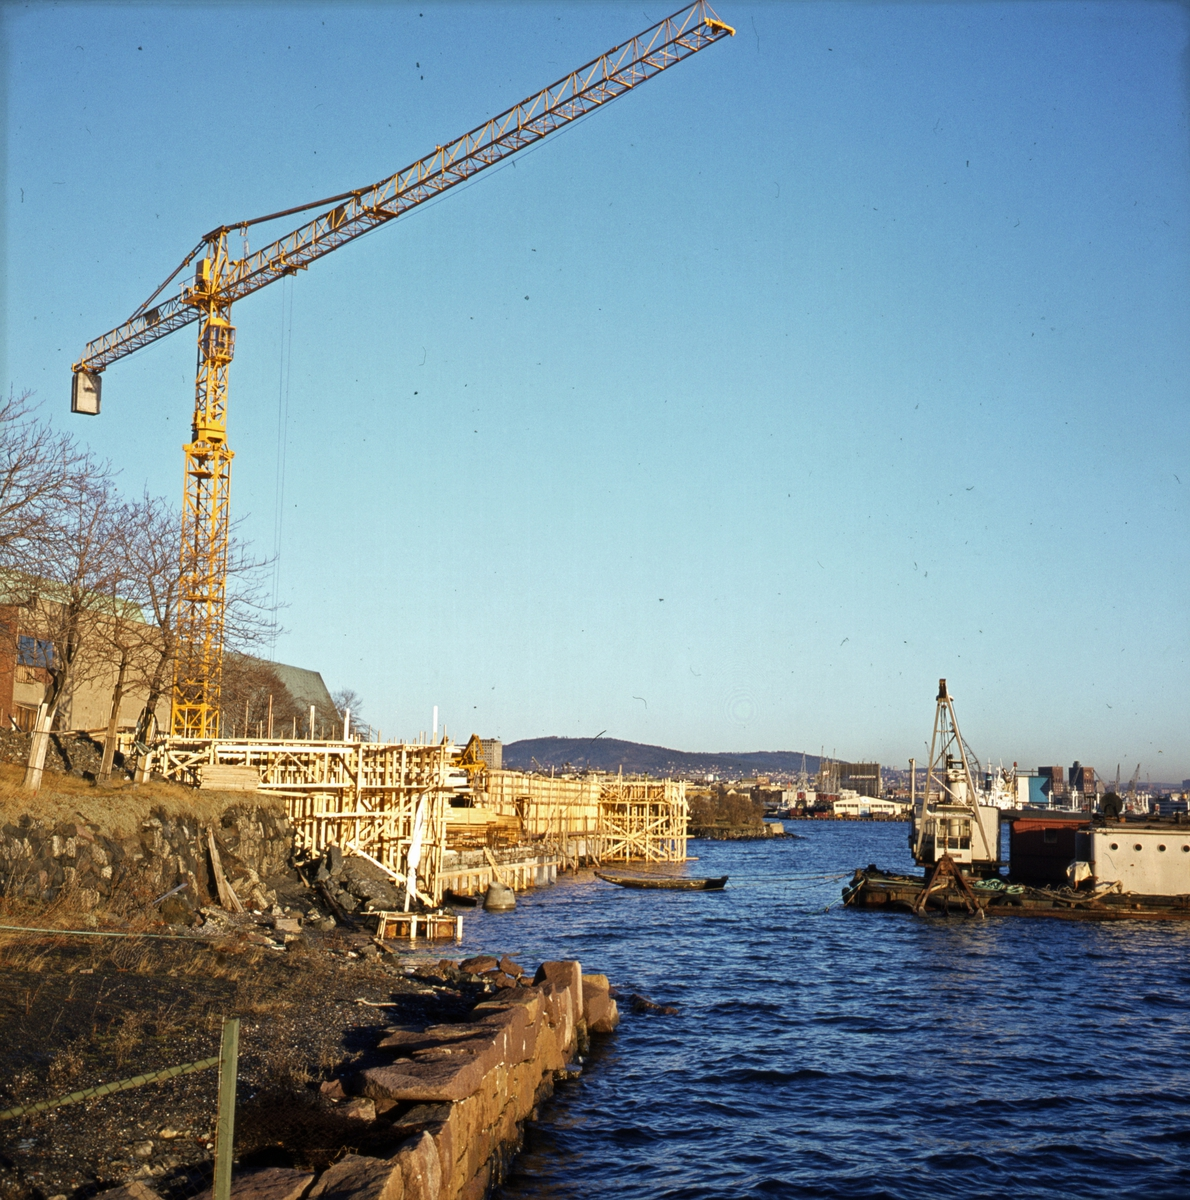 Byggeplassen sett fra sjøsiden. - Norsk Sjøfartsmuseum byggetrinn 3.